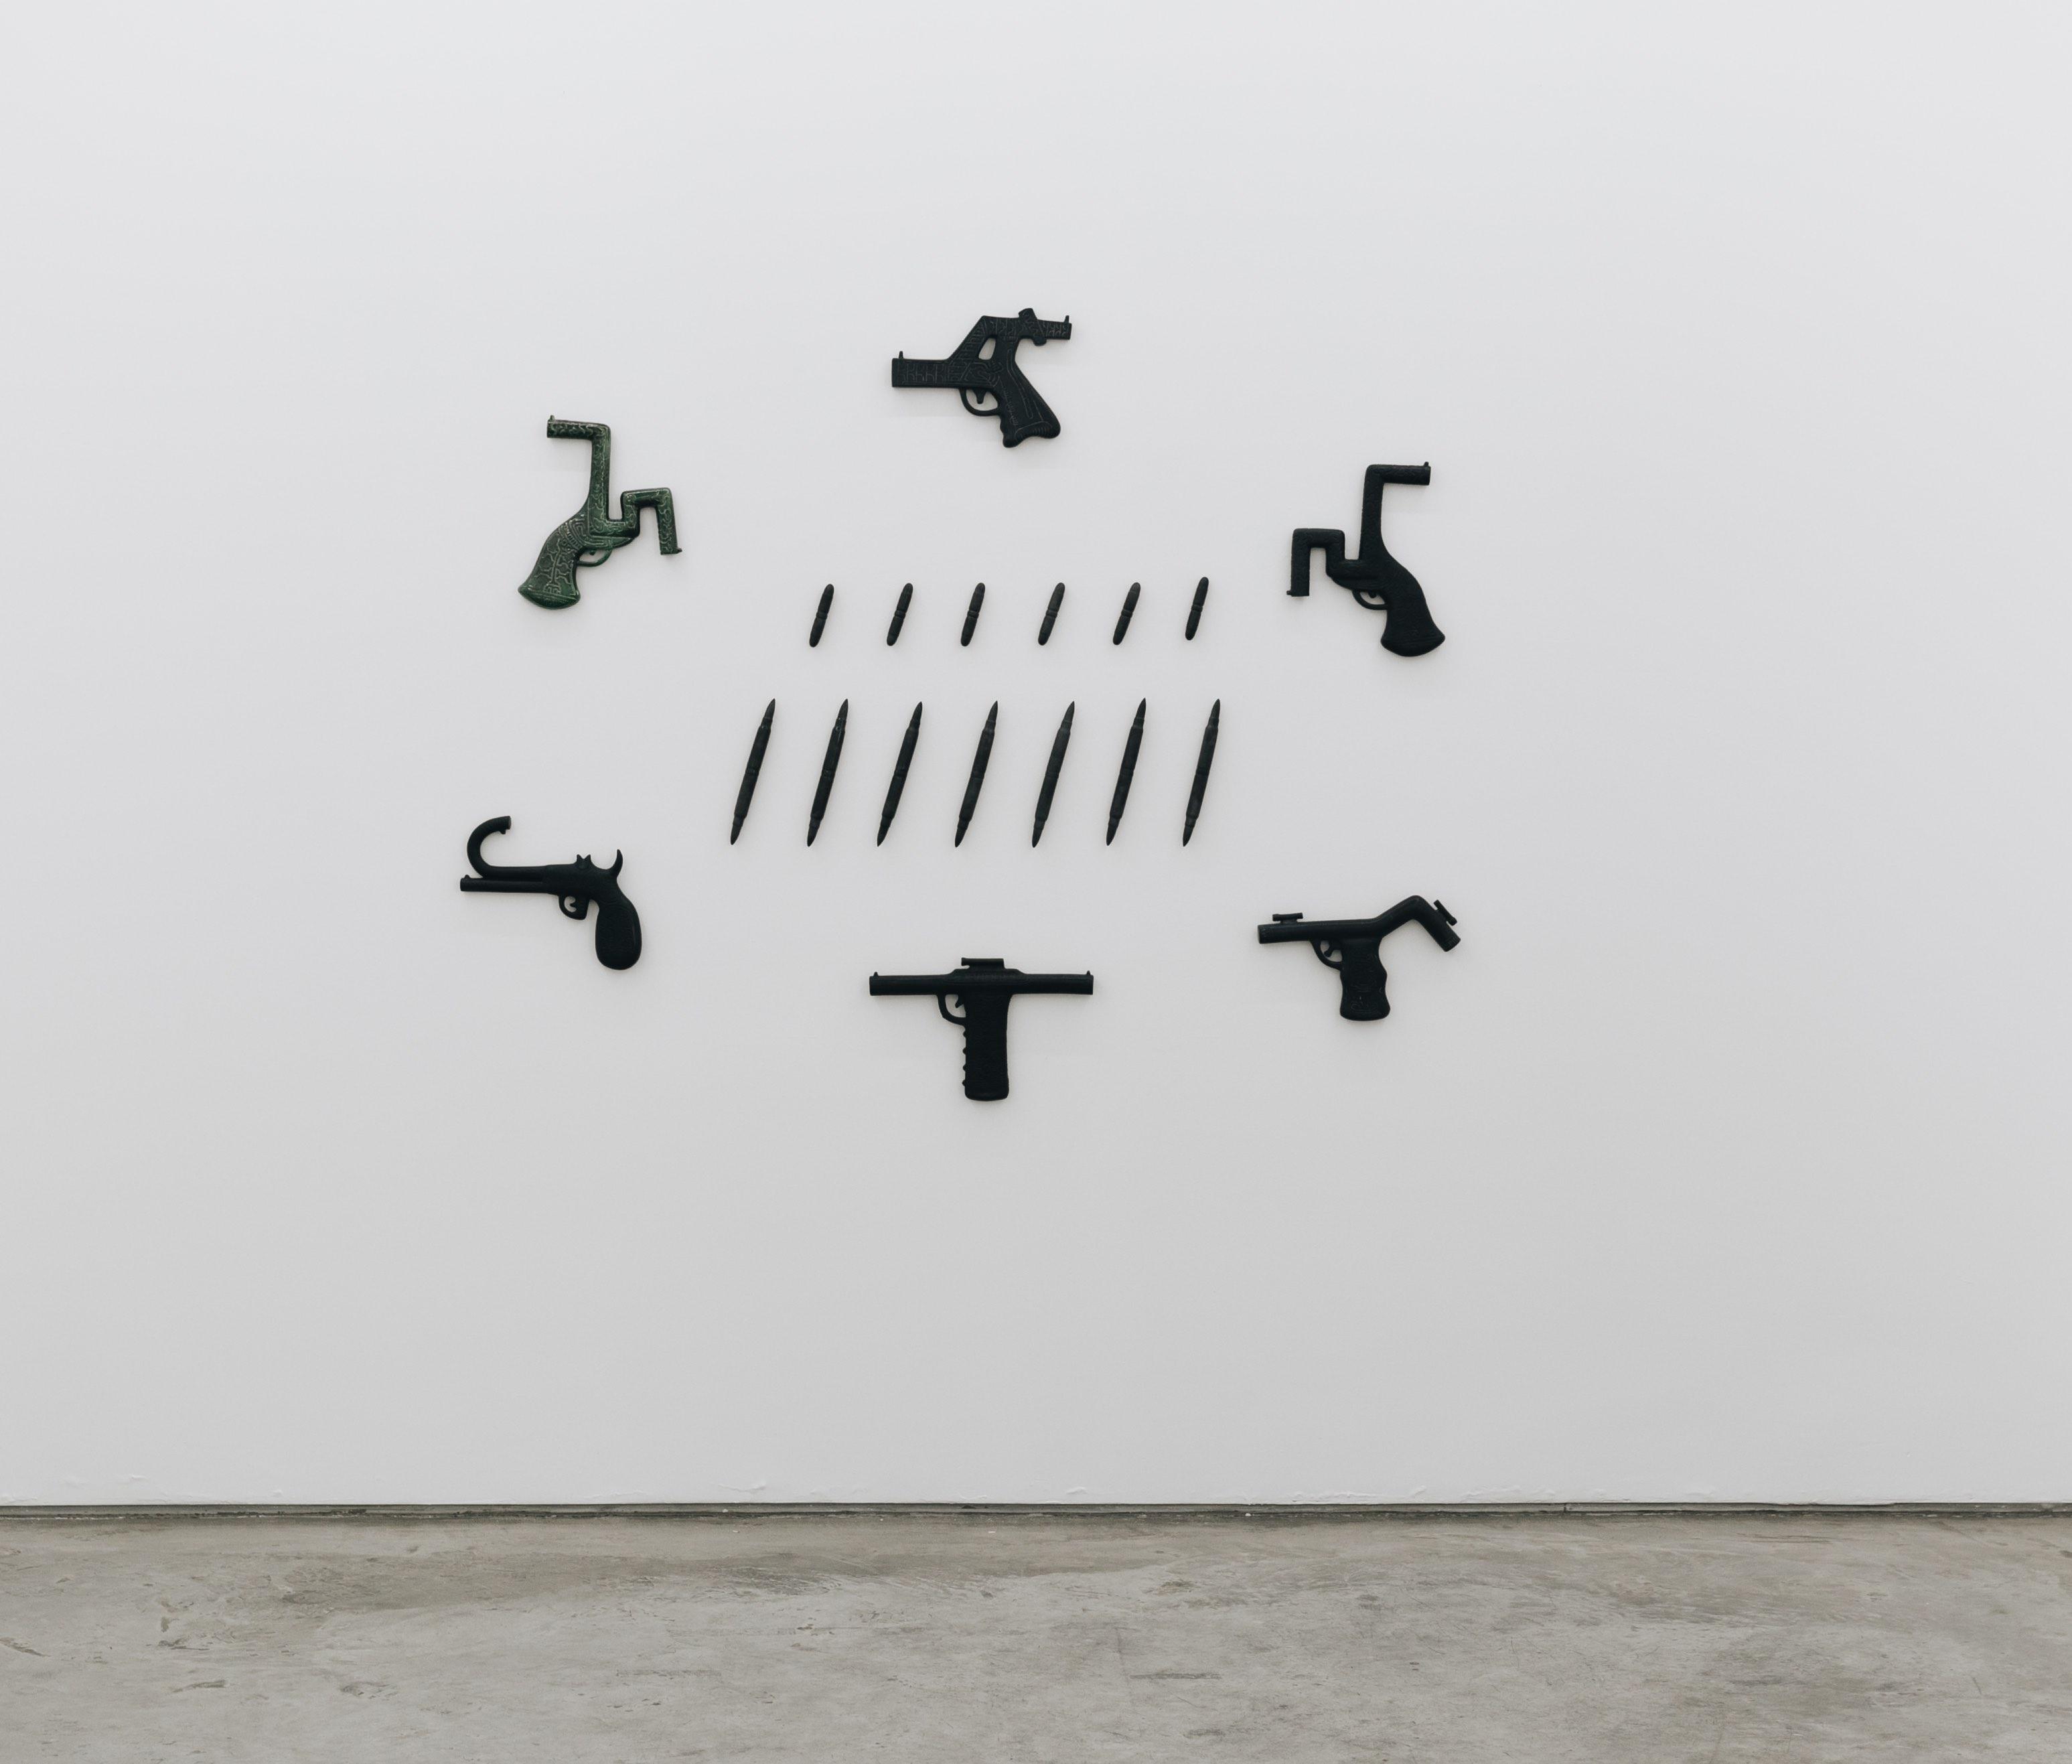 Luis Miguel Suro, vista de la exposición en Galería Enrique Guerrero, 2021. Cortesía de la galería